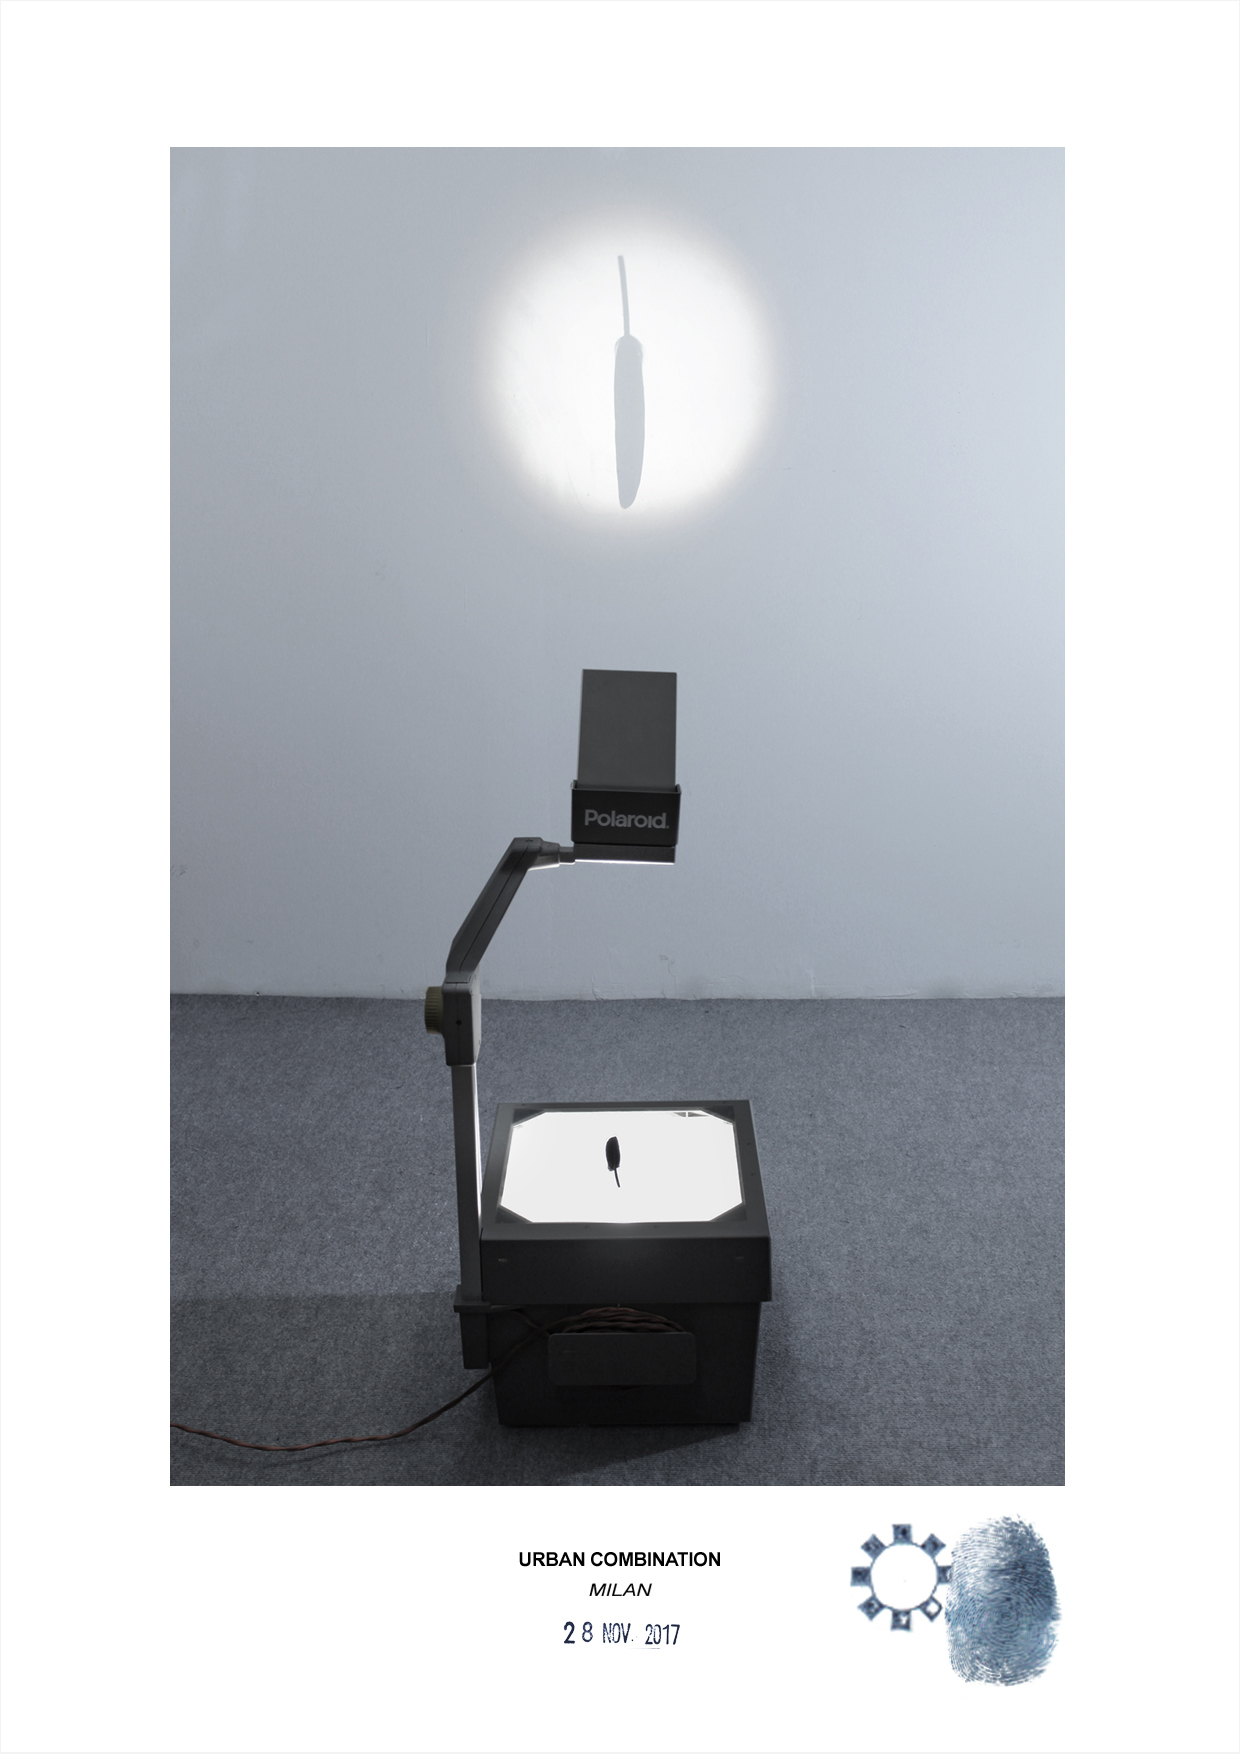 Arte contemporanea dell'artista Maurizio Di Feo. Combinazione in studio con piuma nera. Milano.